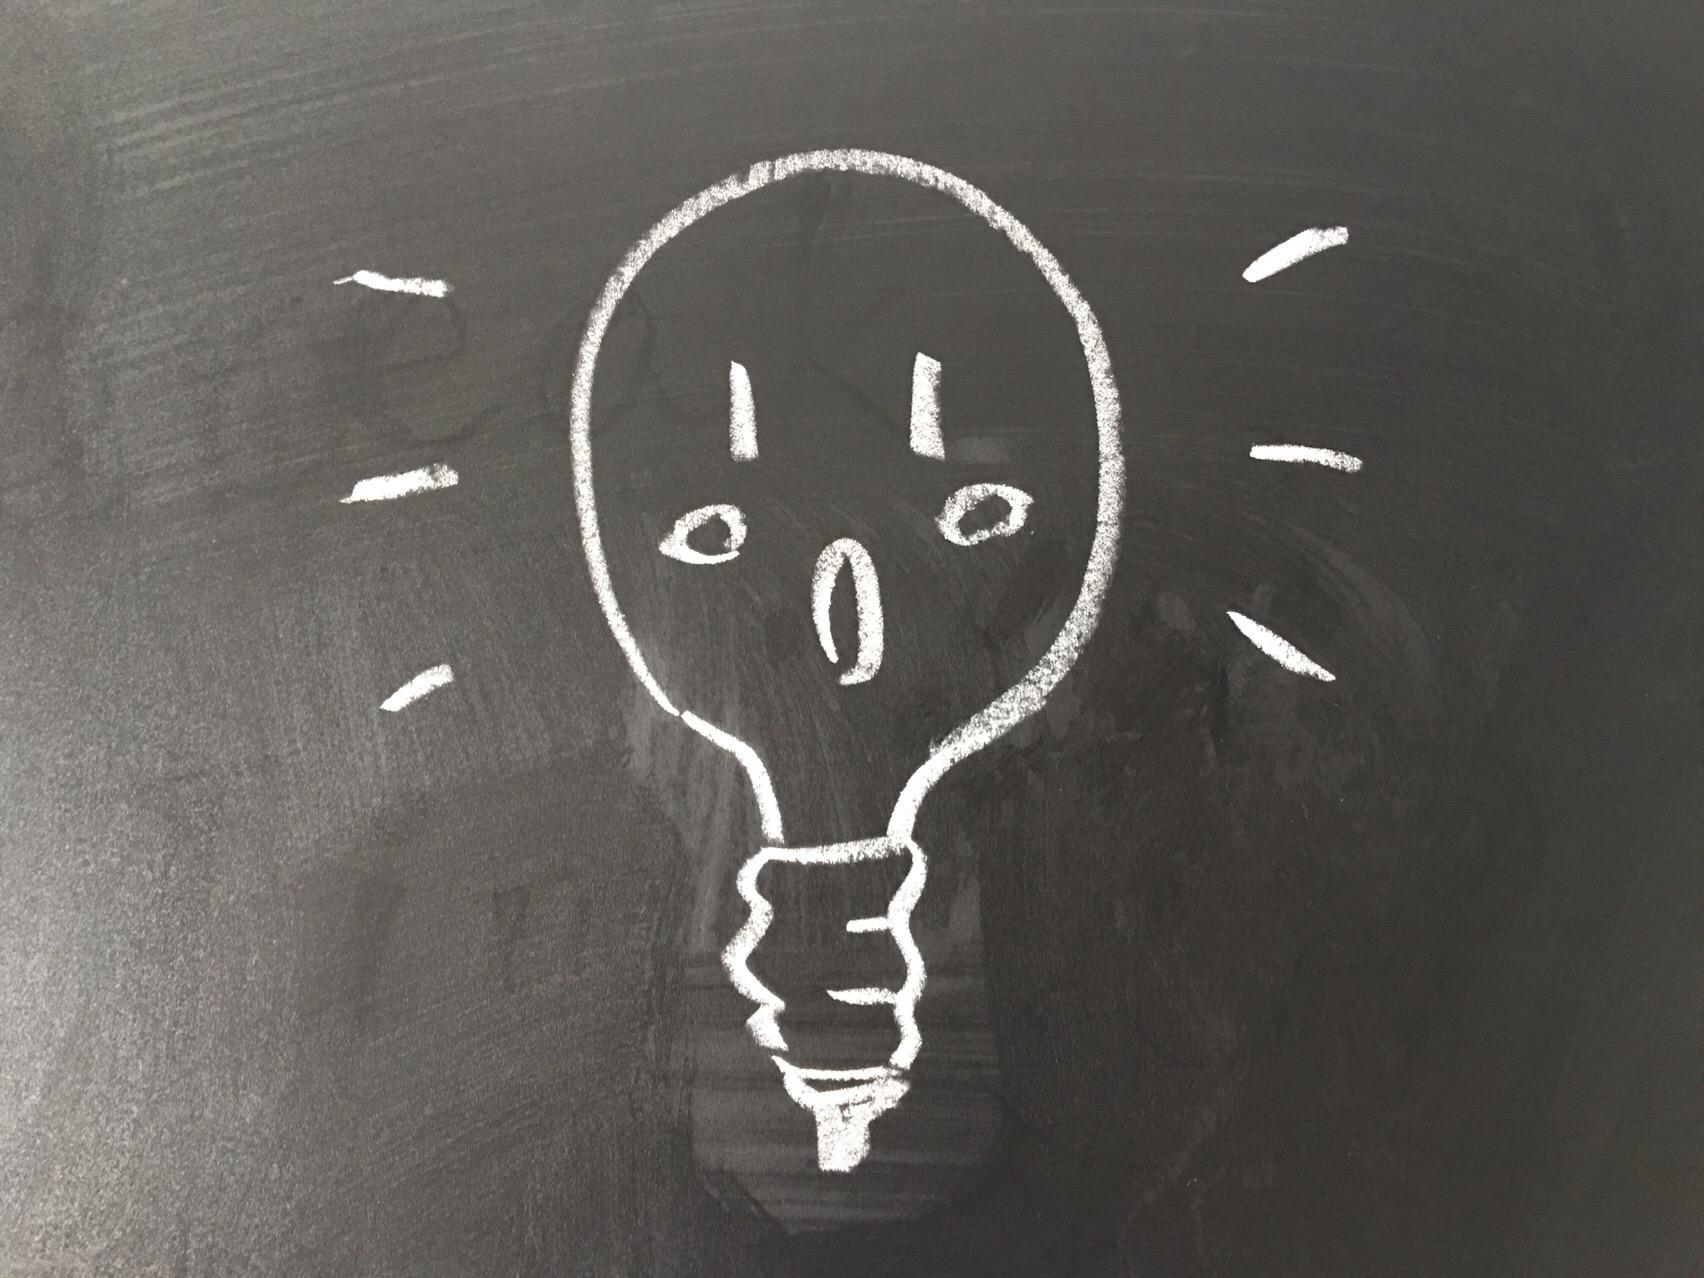 脳を驚かせる記憶術!覚えるためのポイントは想像力と脳への刺激